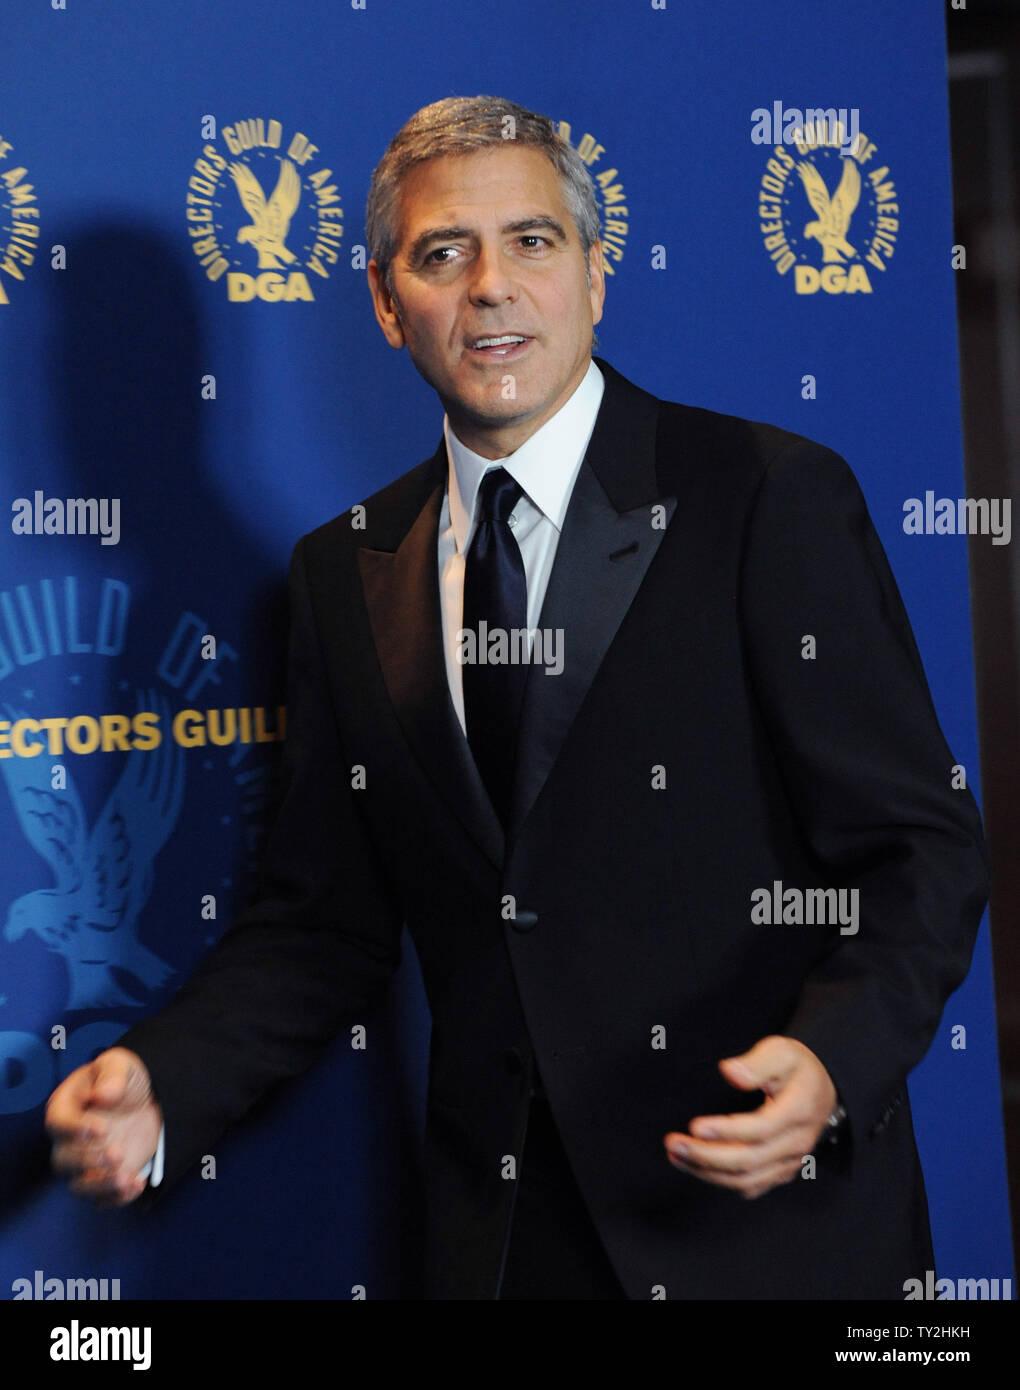 'Los descendientes' miembro del reparto George Clooney aparece backstage en la 64ª anual de Directors Guild of America Awards en Los Angeles el 28 de enero de 2012. UPI/Jim Ruymen Imagen De Stock